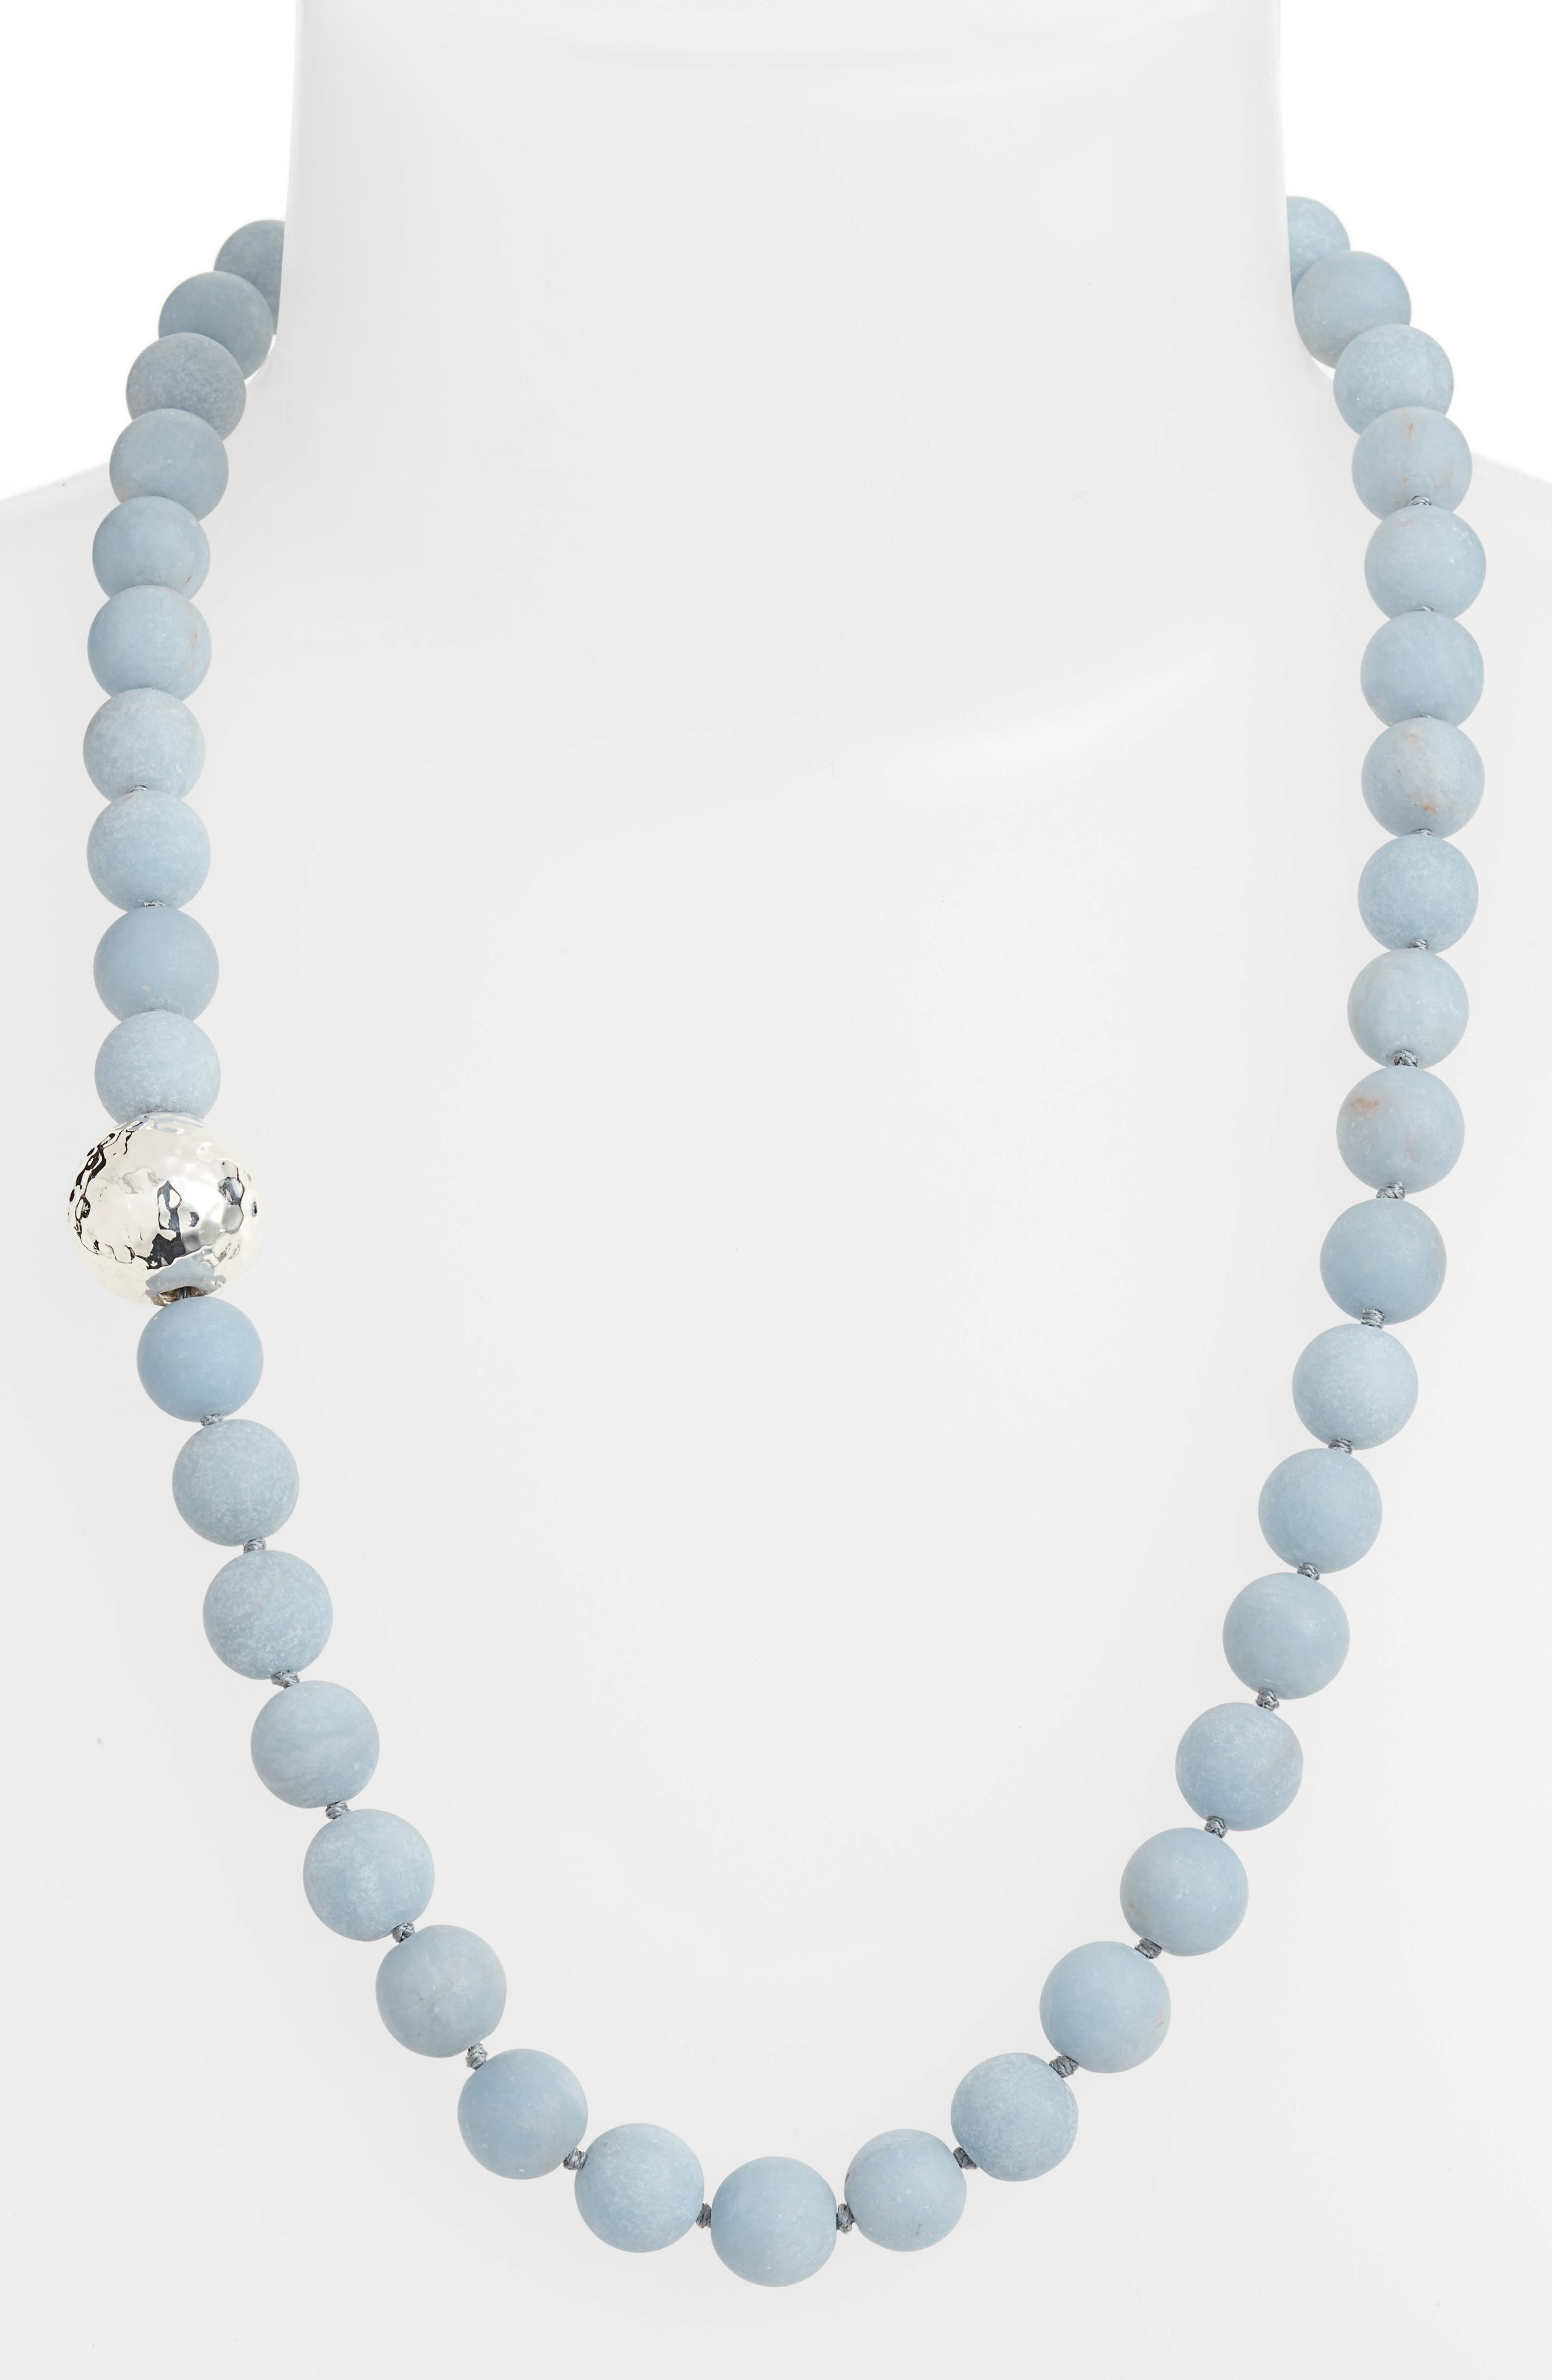 Matte Angelite Necklace,                             Main thumbnail 1, color,                             Blue/ Silver